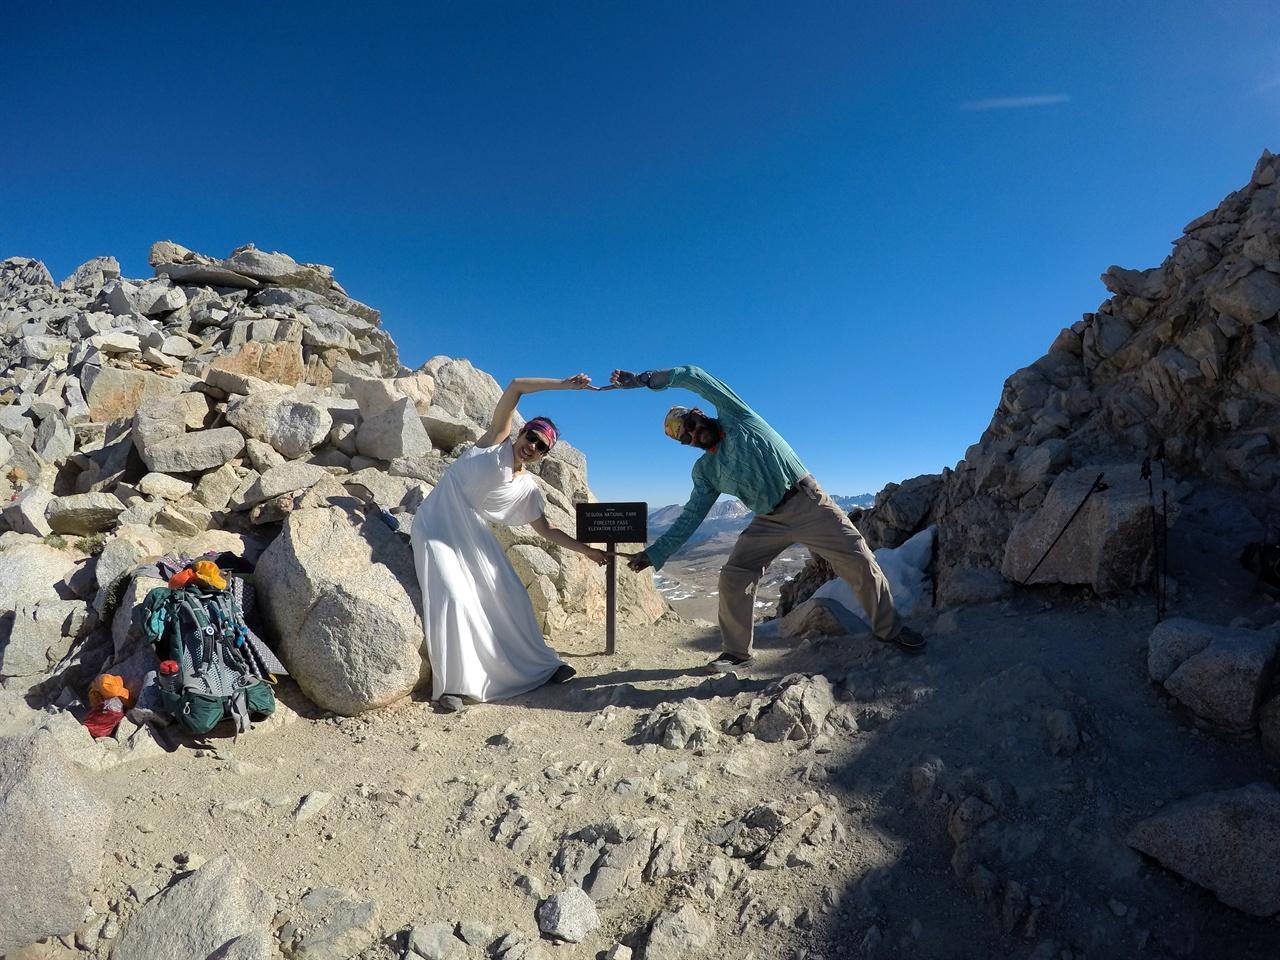 해발 4009미터 캘리포니아 포레스터 패스에서 찍은 웨딩사진.